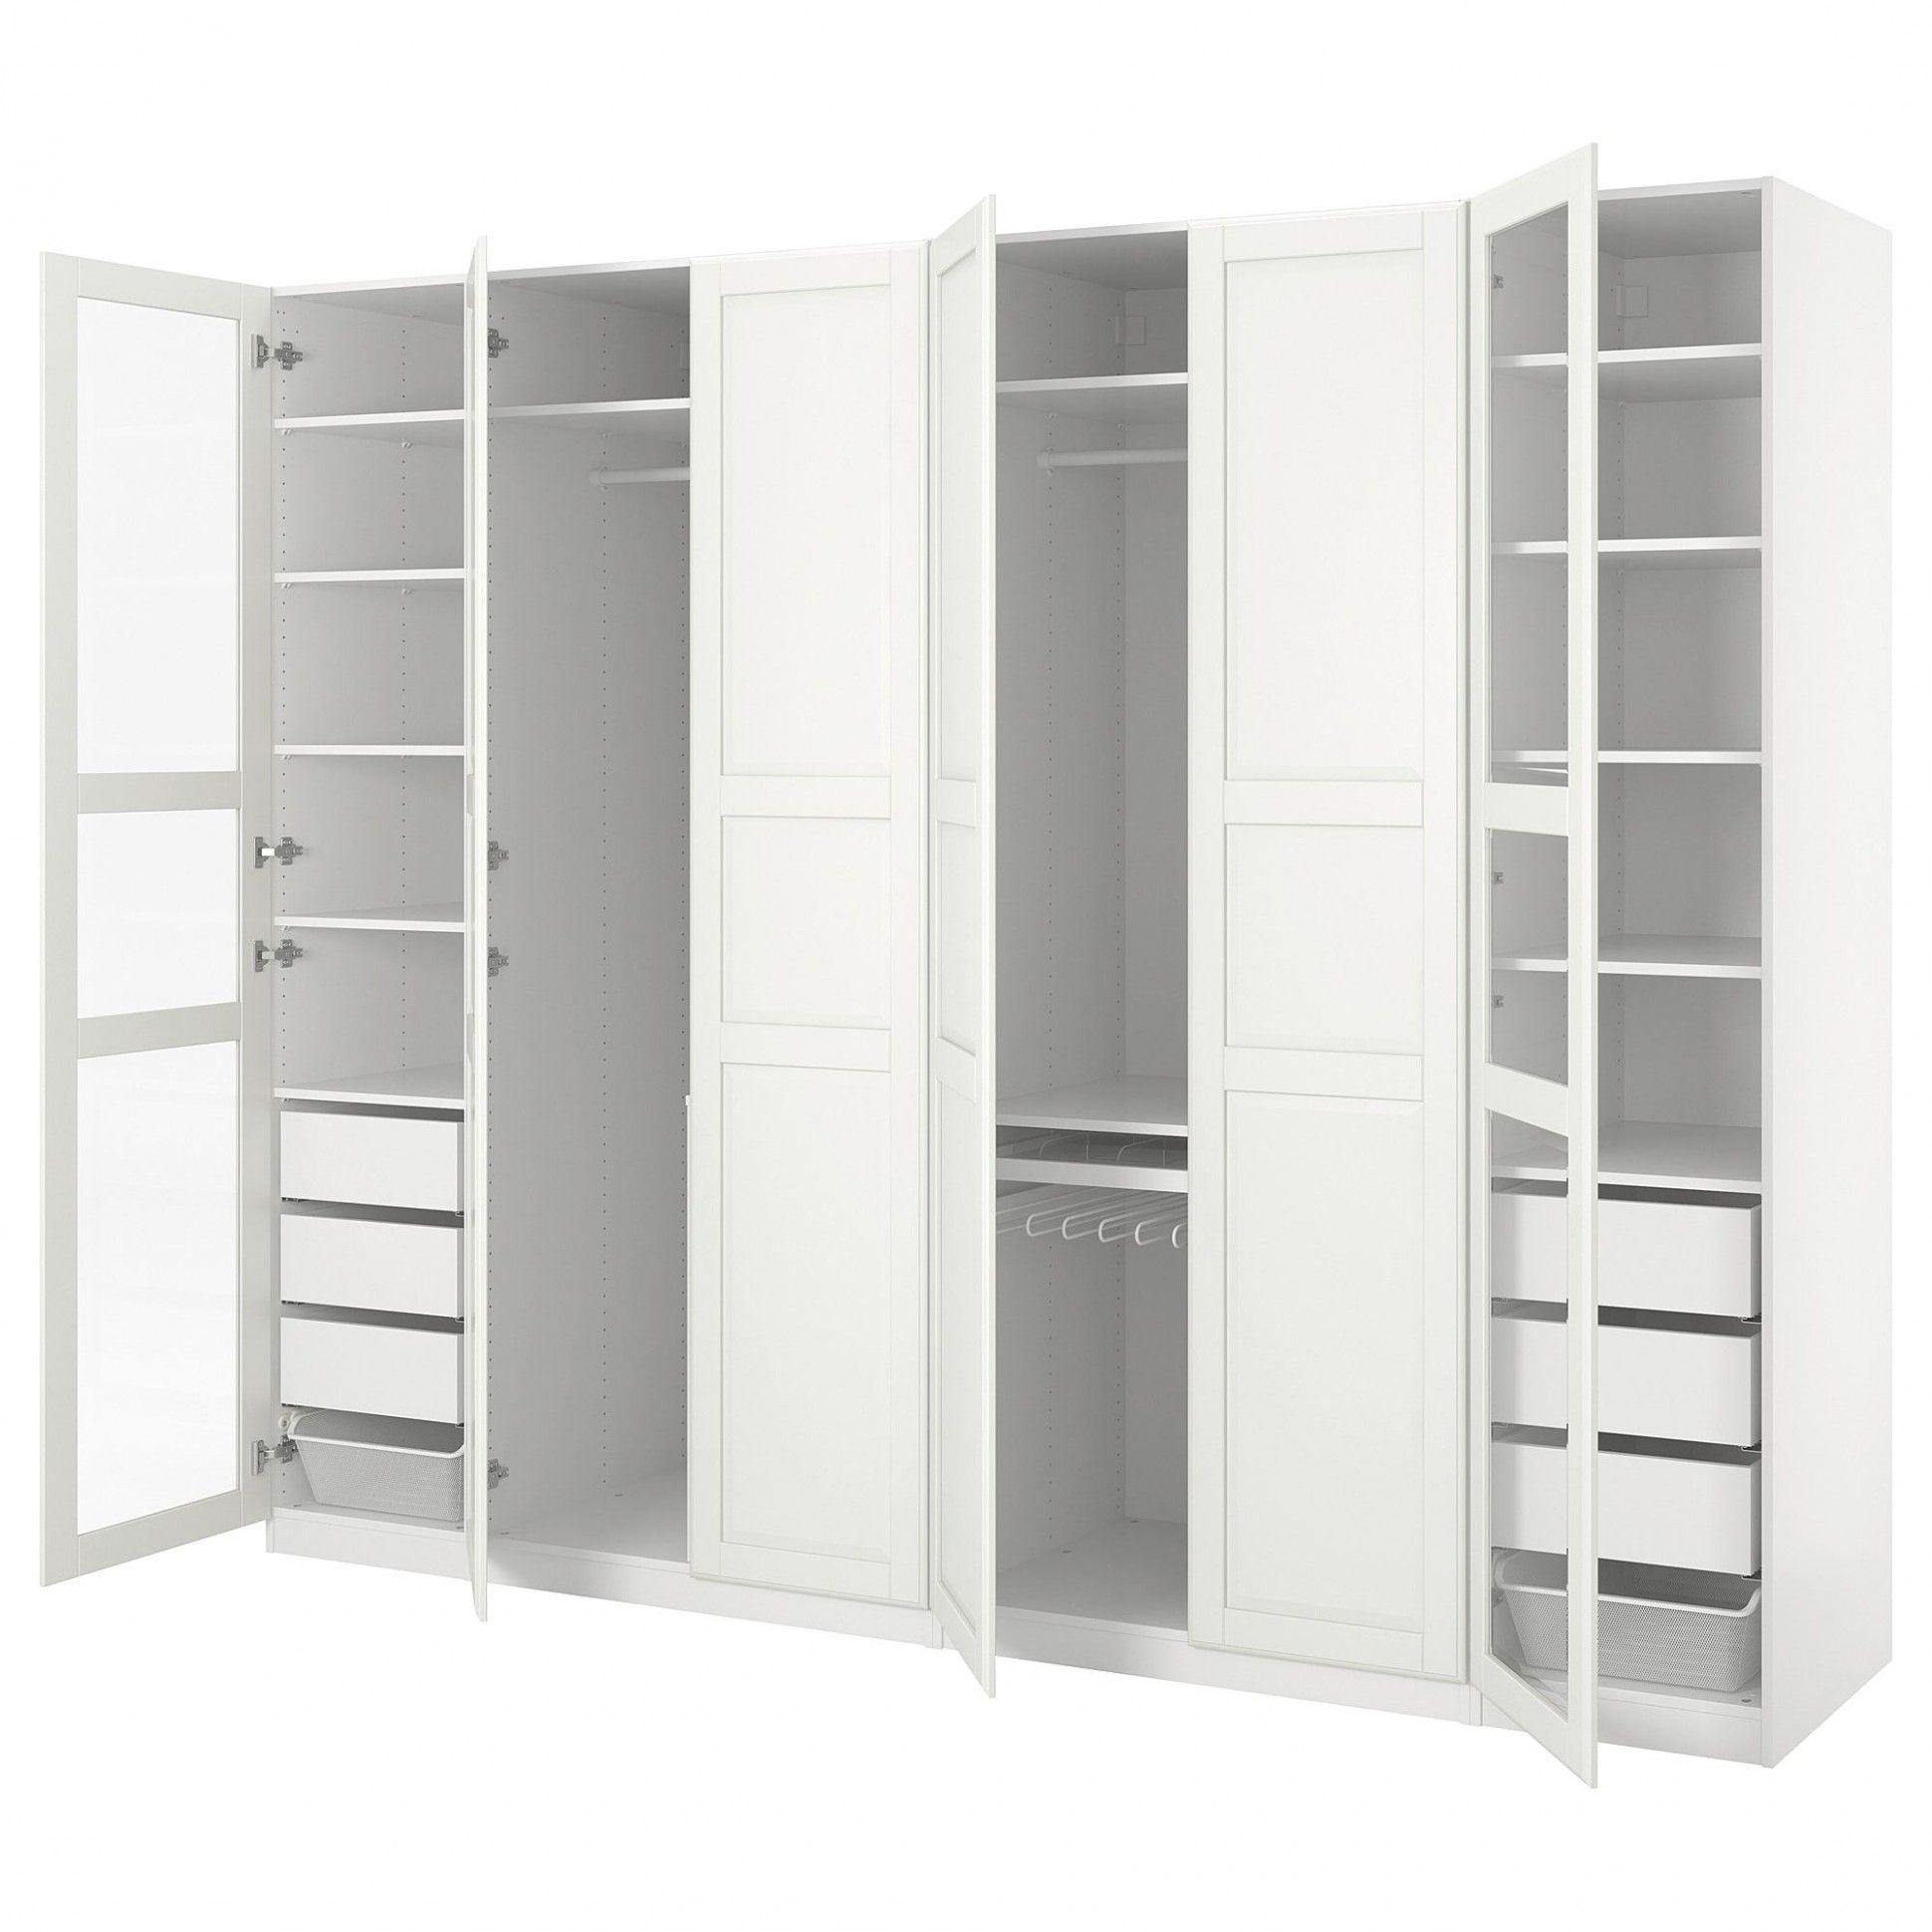 Ikea Schlafzimmer Planer 3d